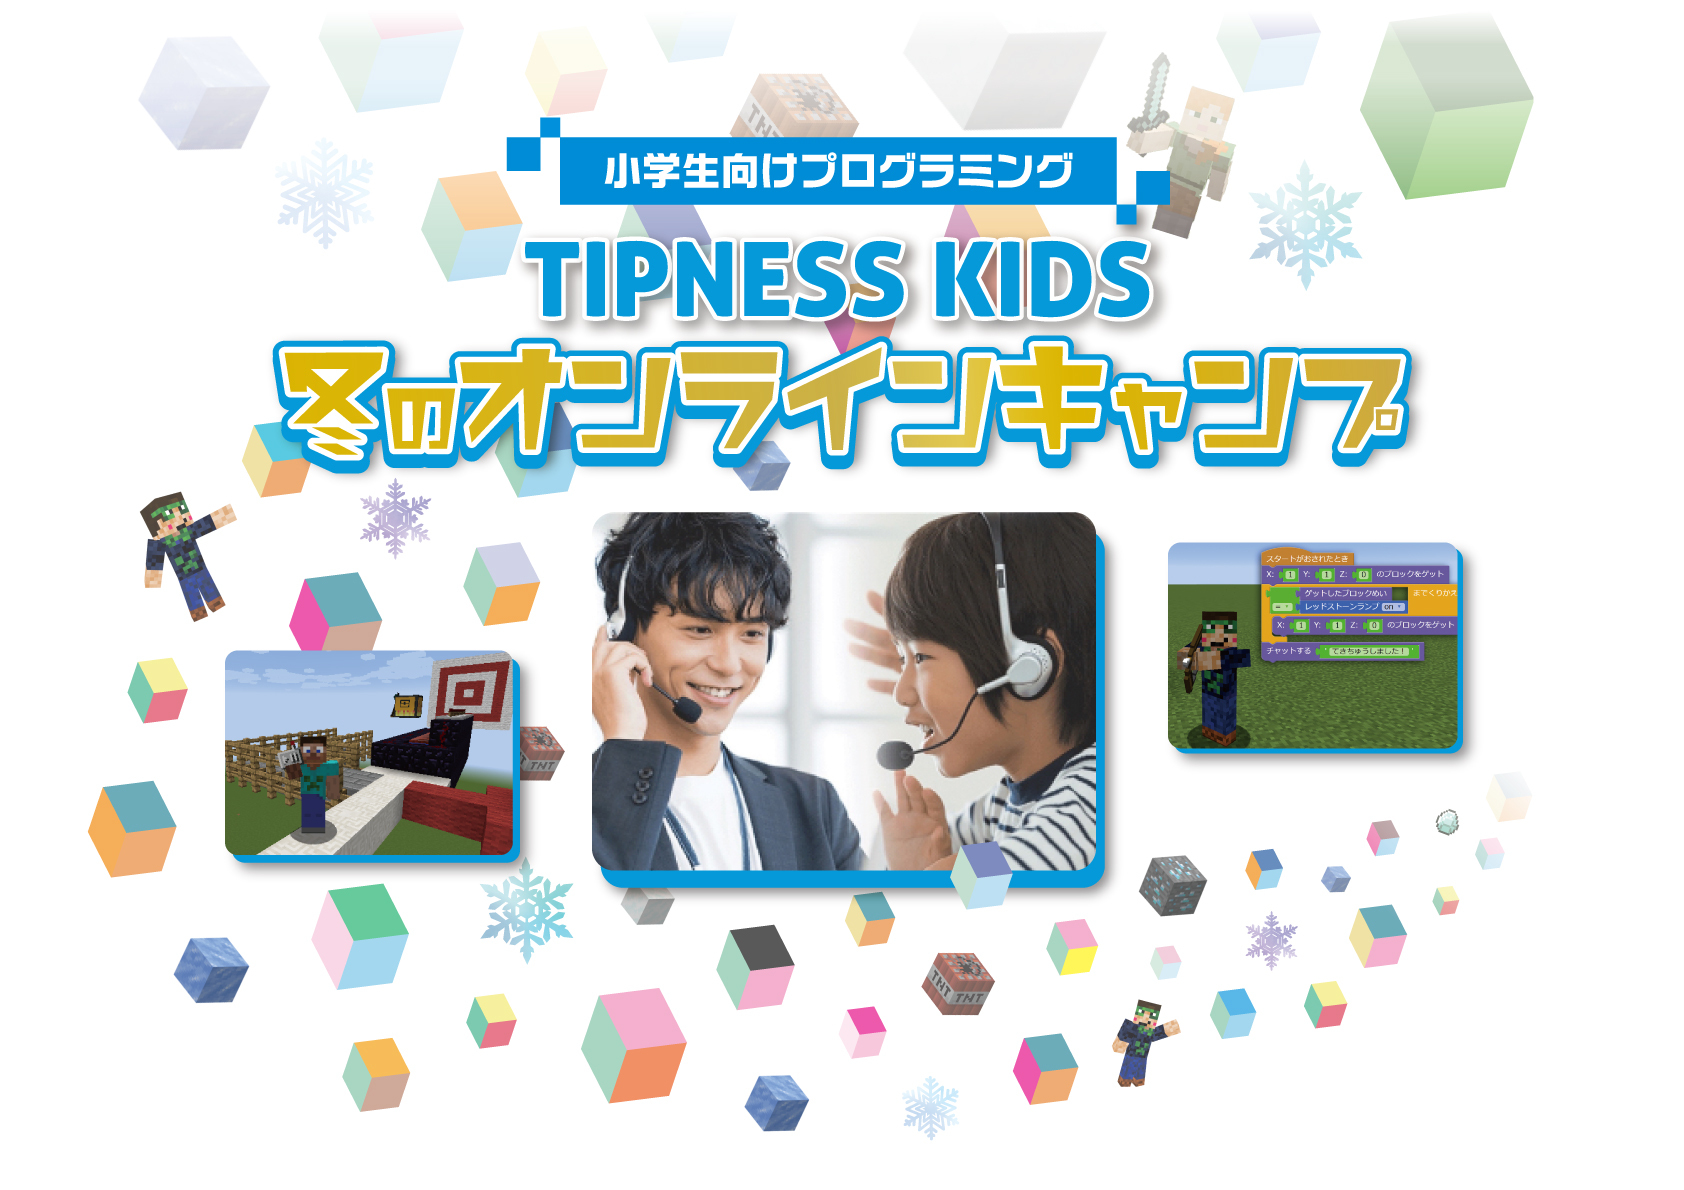 小学生向けプログラミング TIPNESS KIDS 冬のオンラインキャンプ